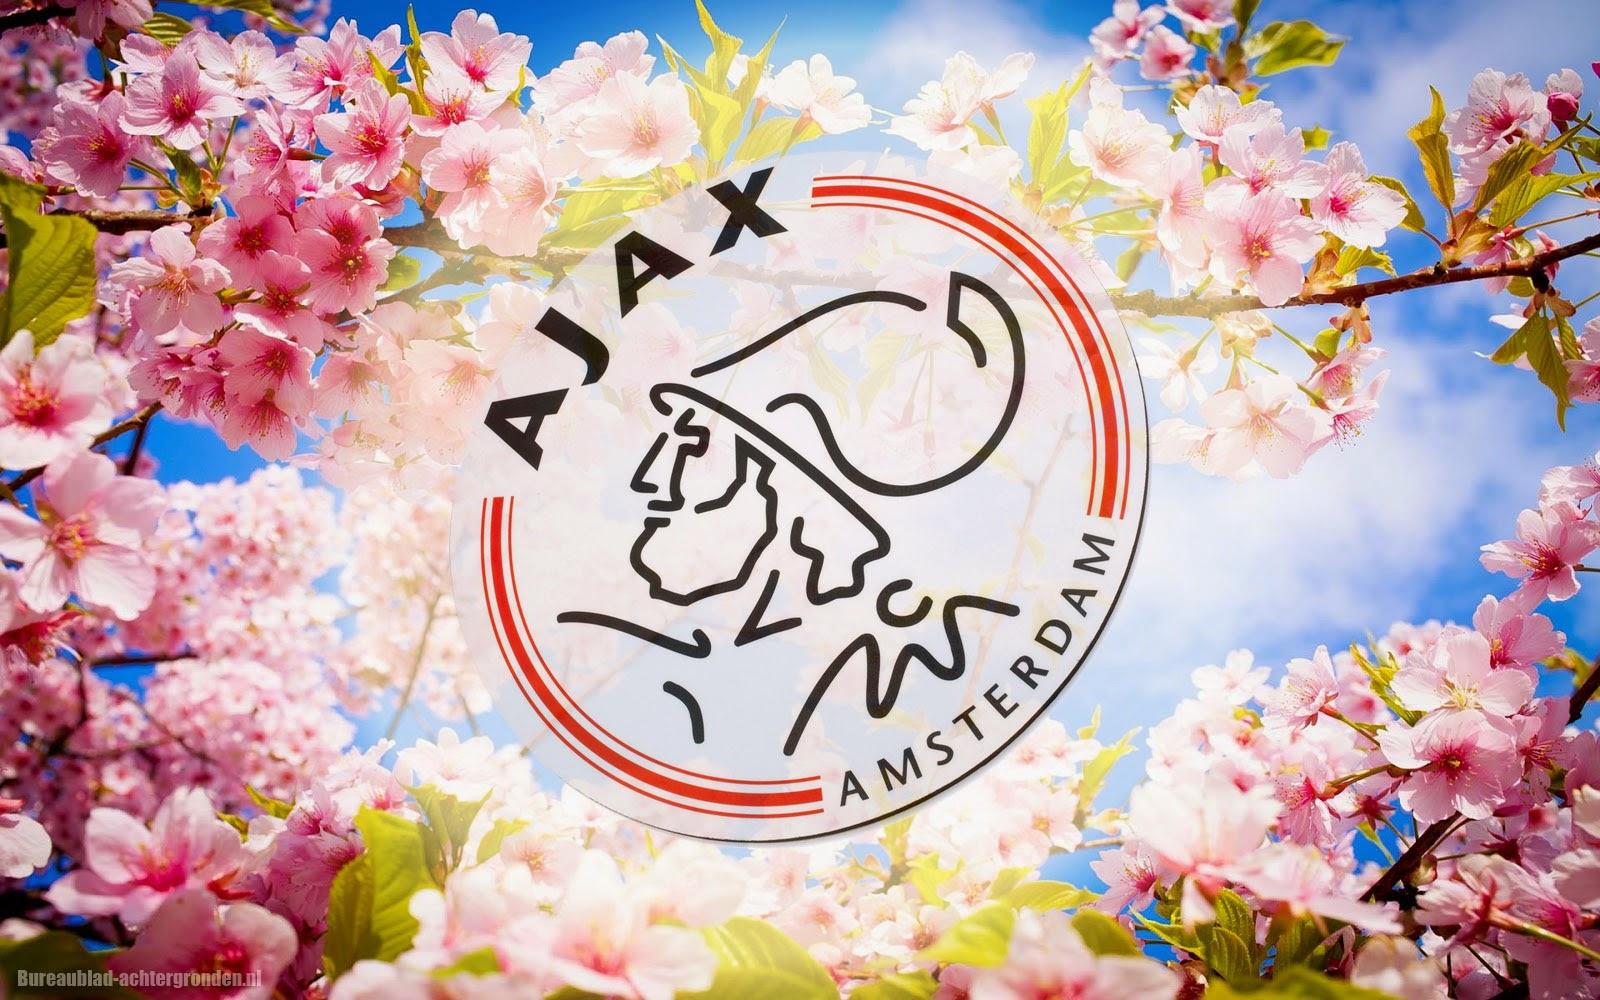 Ajax achtergrond met veel roze bloemen